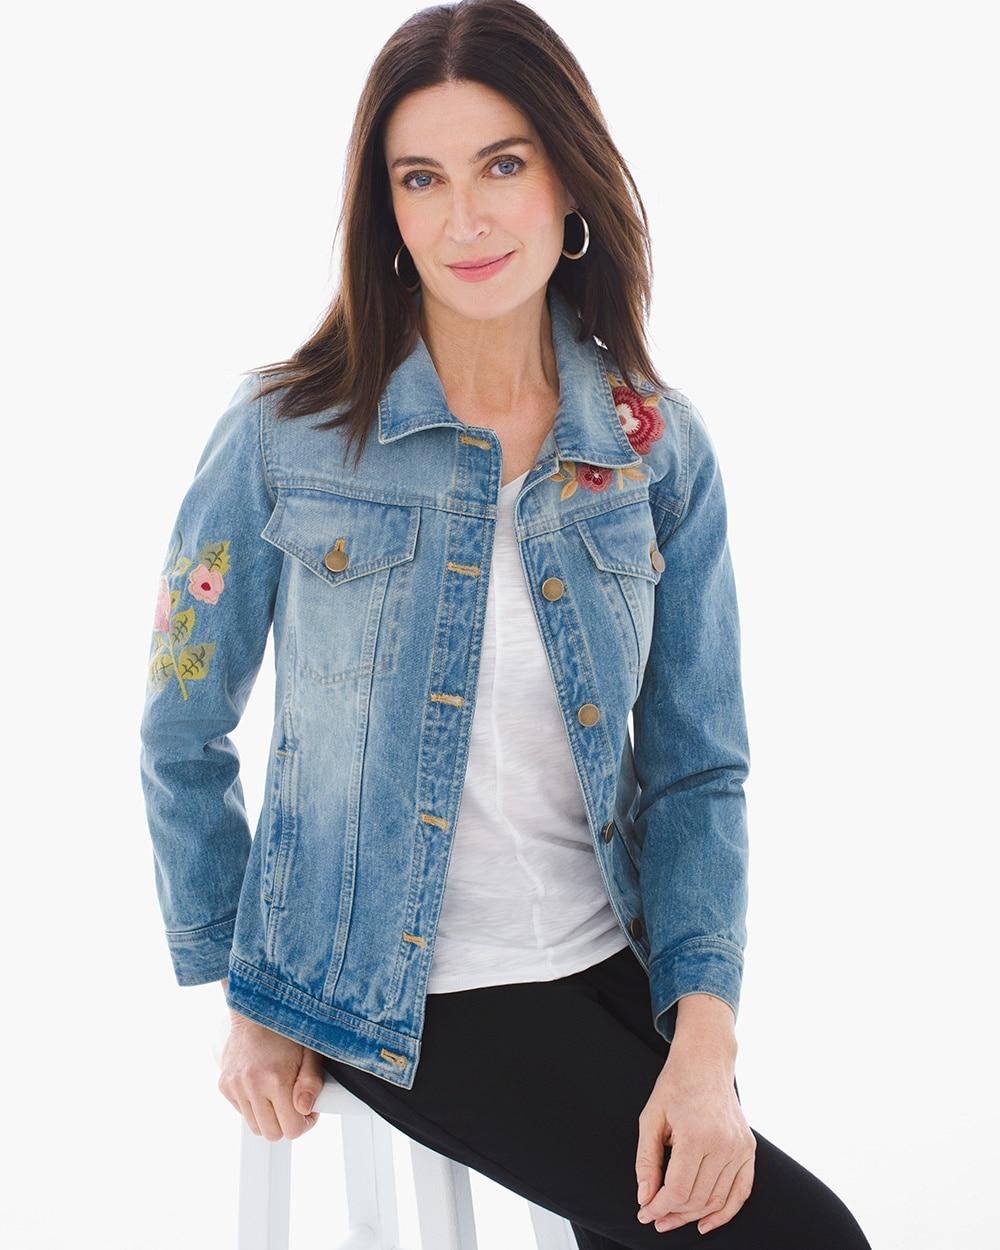 e929497e23 Embroidered Denim Jacket - Chico s